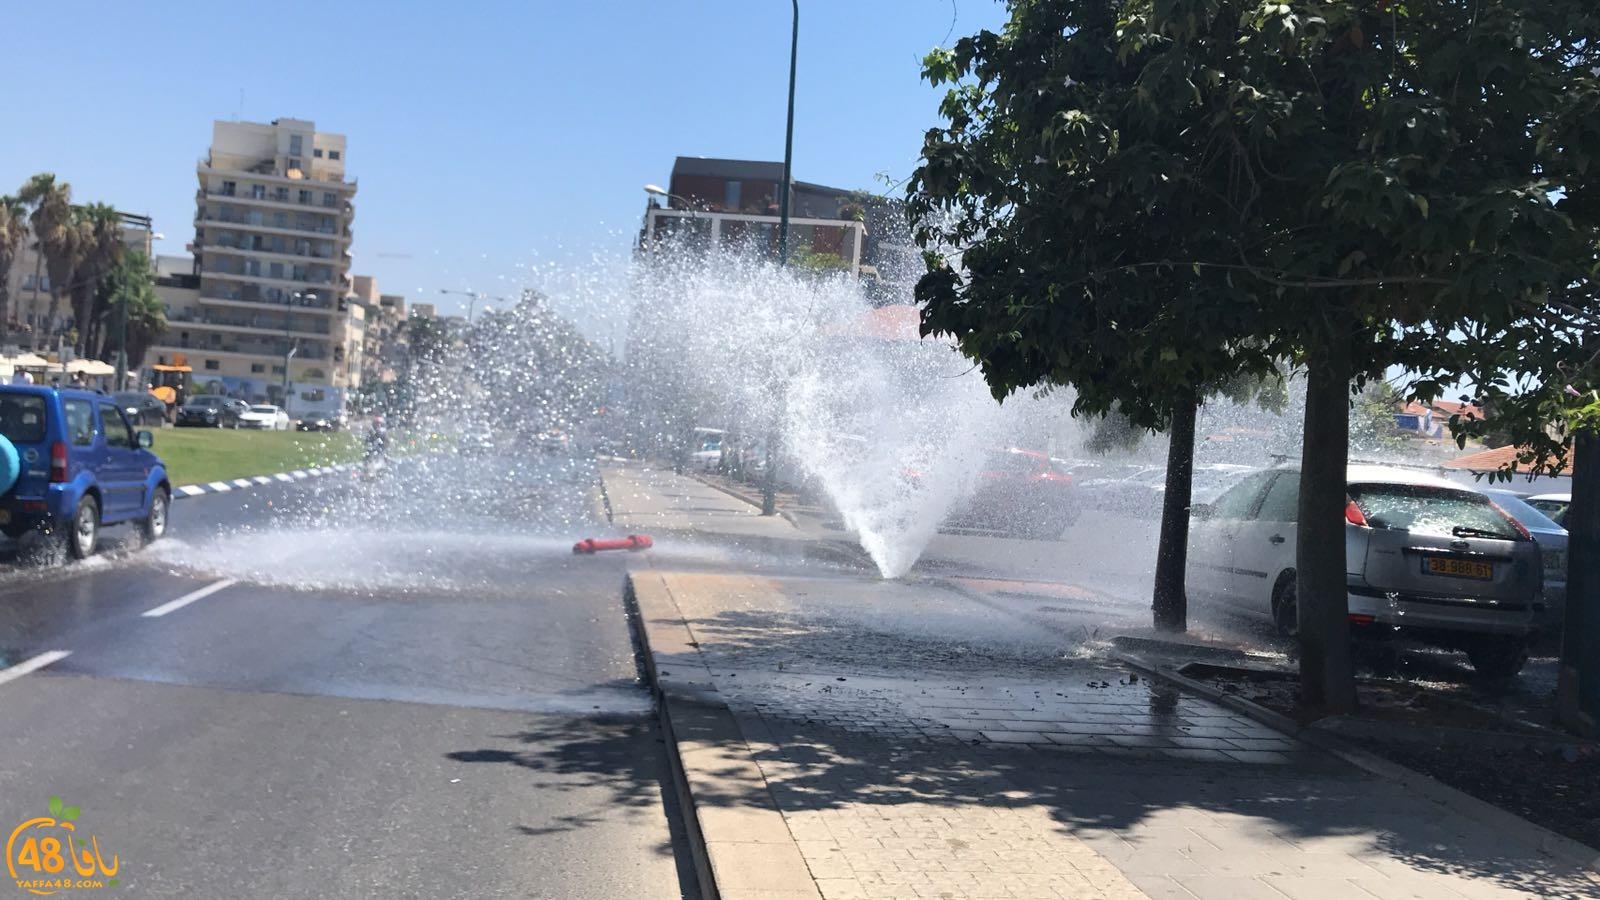 بالفيديو: انفجار أنبوب مياه رئيسي في مدينة يافا